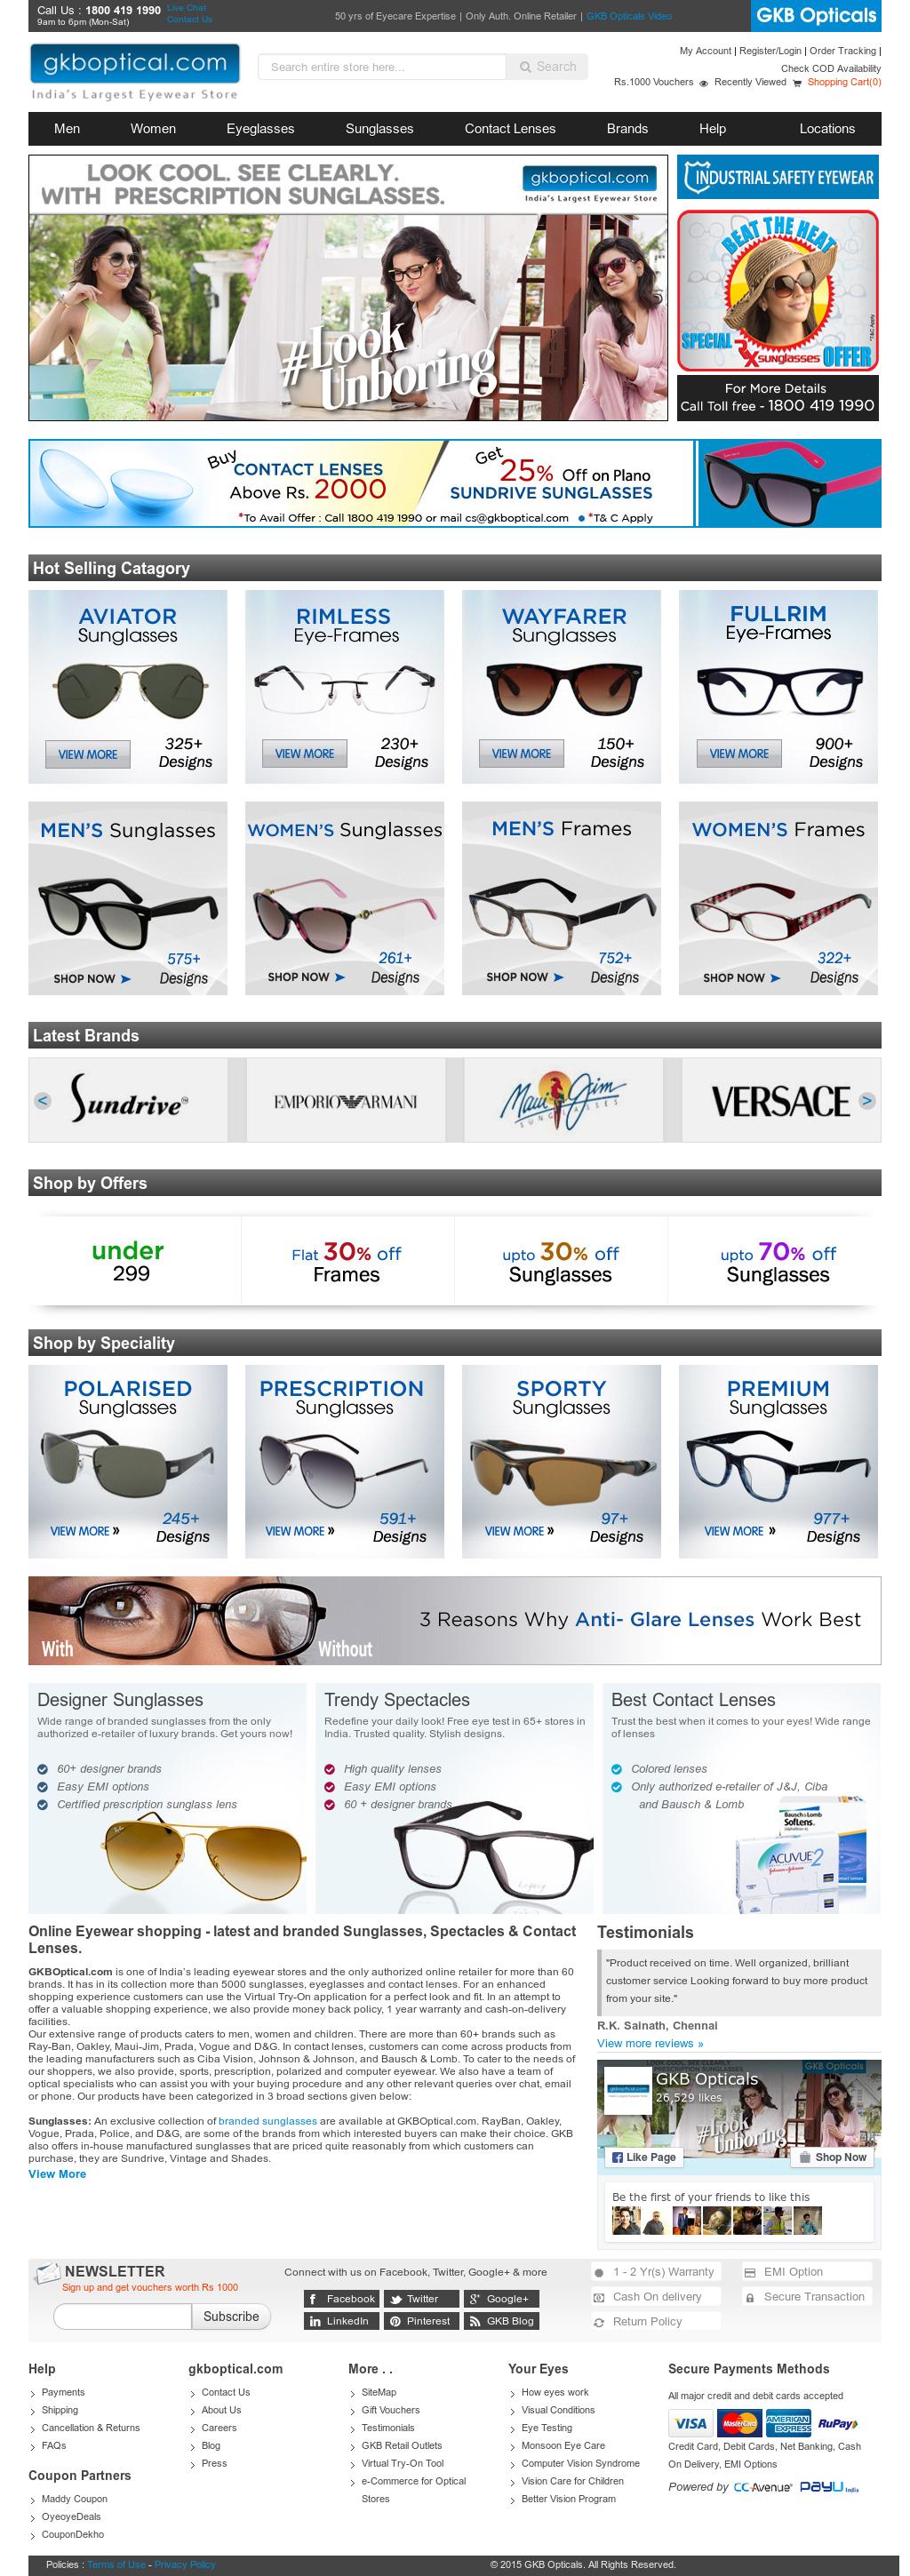 7951803d2453 GKB Opticals Competitors